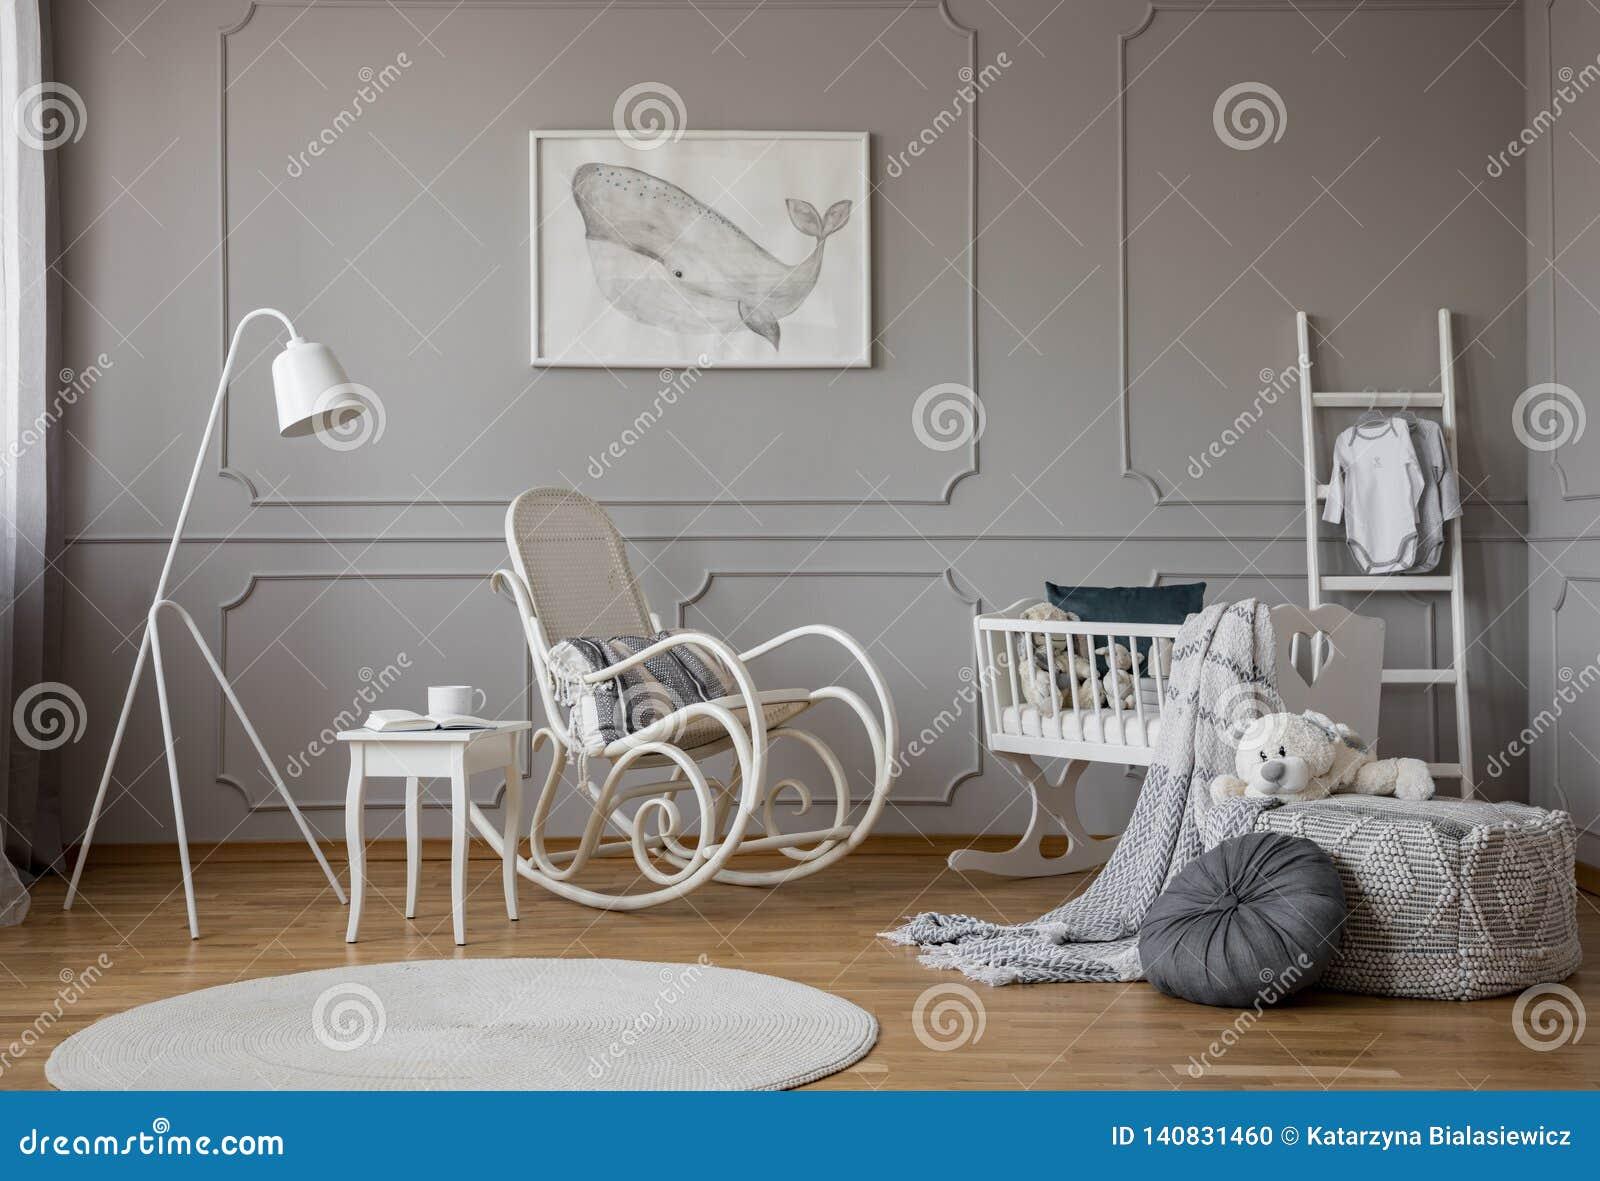 Белая кресло-качалка с подушкой в середине уютного интерьера комнаты младенца с деревянным вашгердом, промышленной белой лампой и